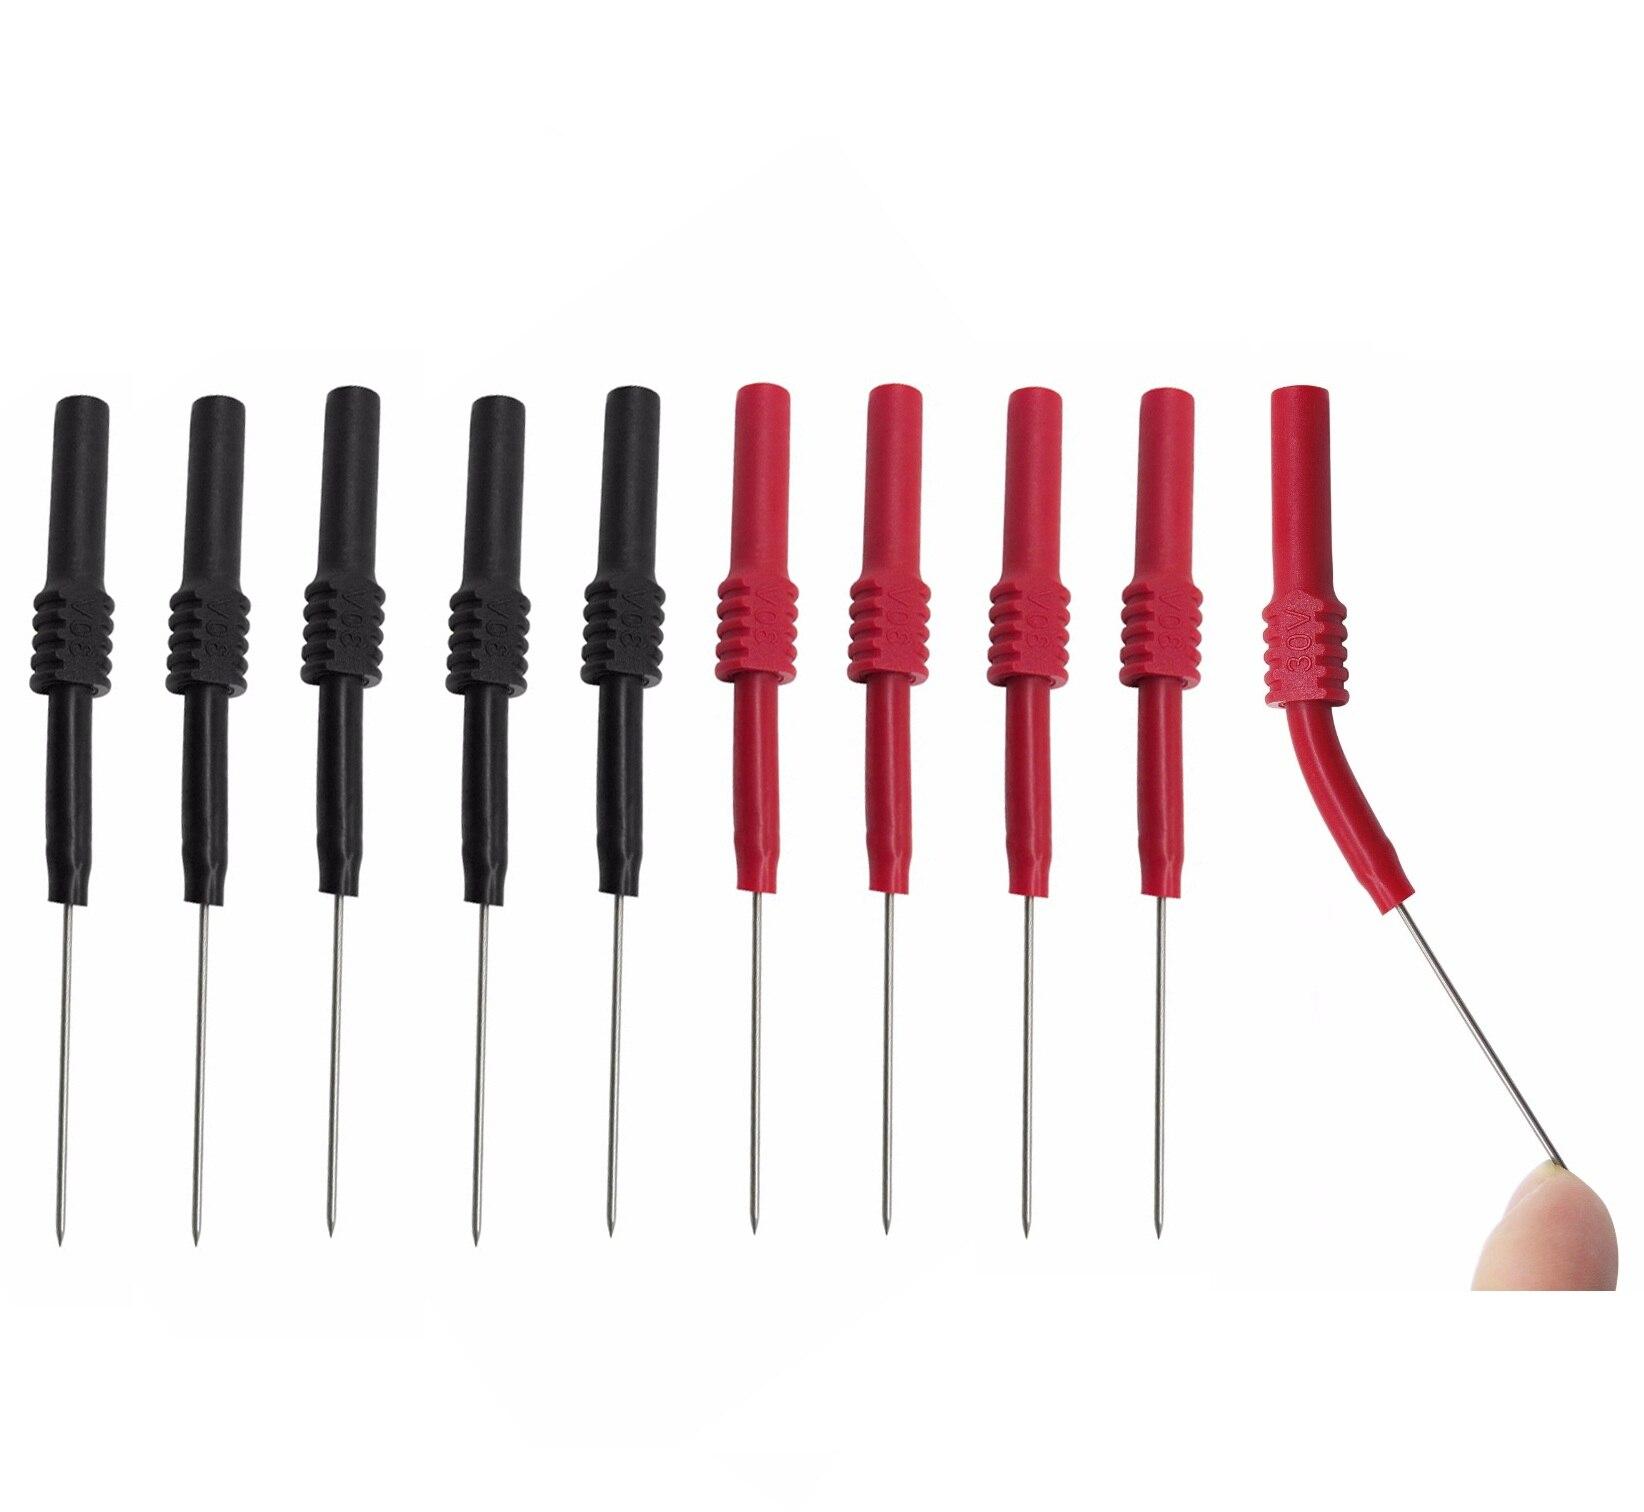 Cleqee P5009 4pcs Soft PVC Insulation Piercing Needle Non-destructive Multimeter Test Probes Red/Black